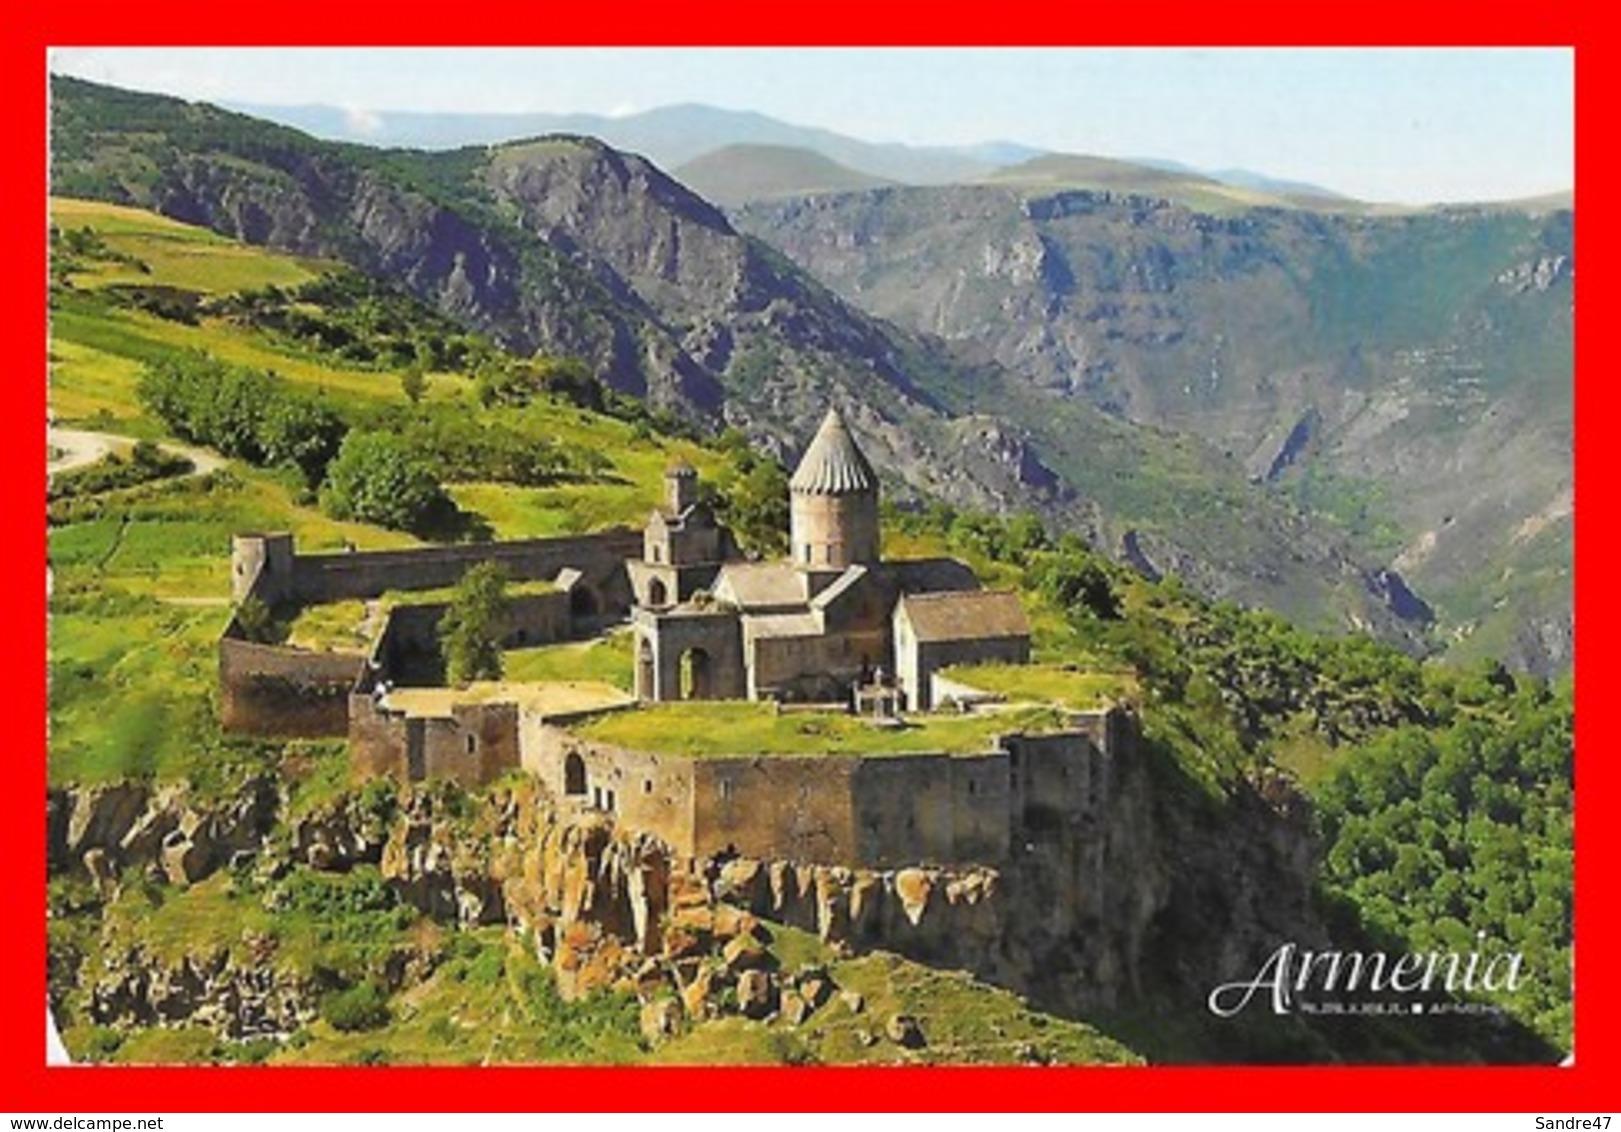 CPSM/gf TATEV (Arménie)  Tatev Monastery...I0263 - Arménie